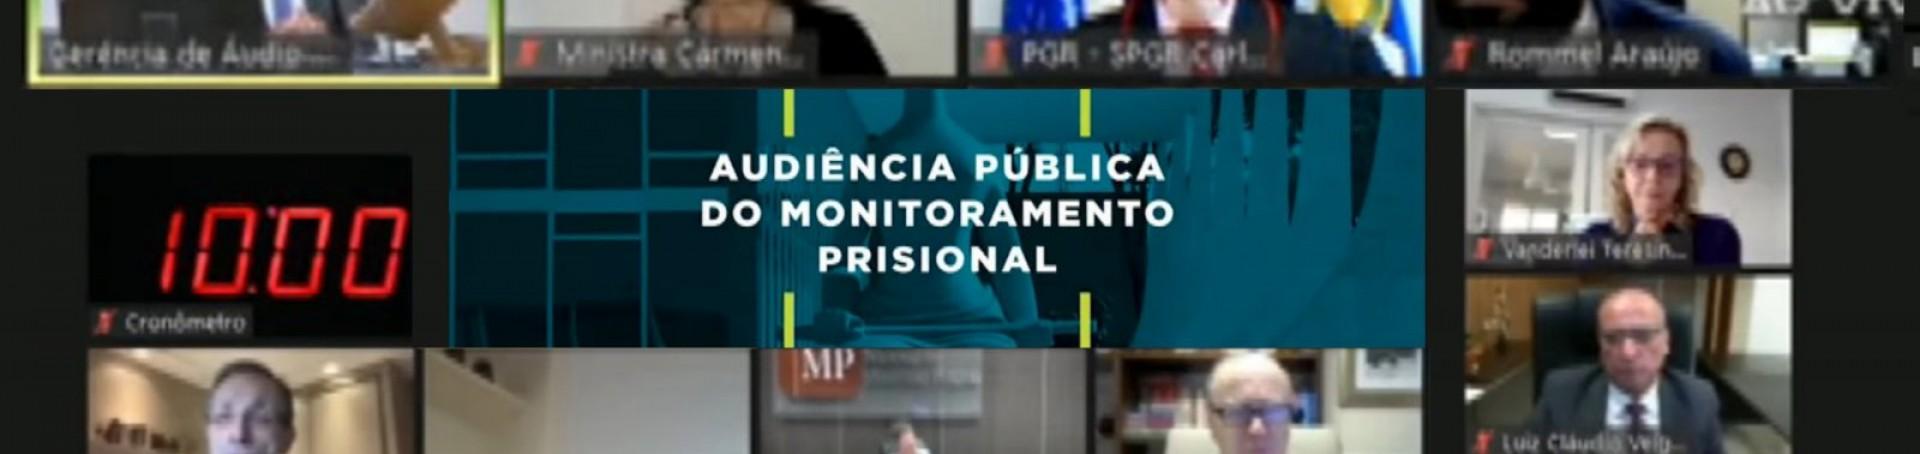 audiencia_publica_do_monitoramento_prisional_14_06_2021_1